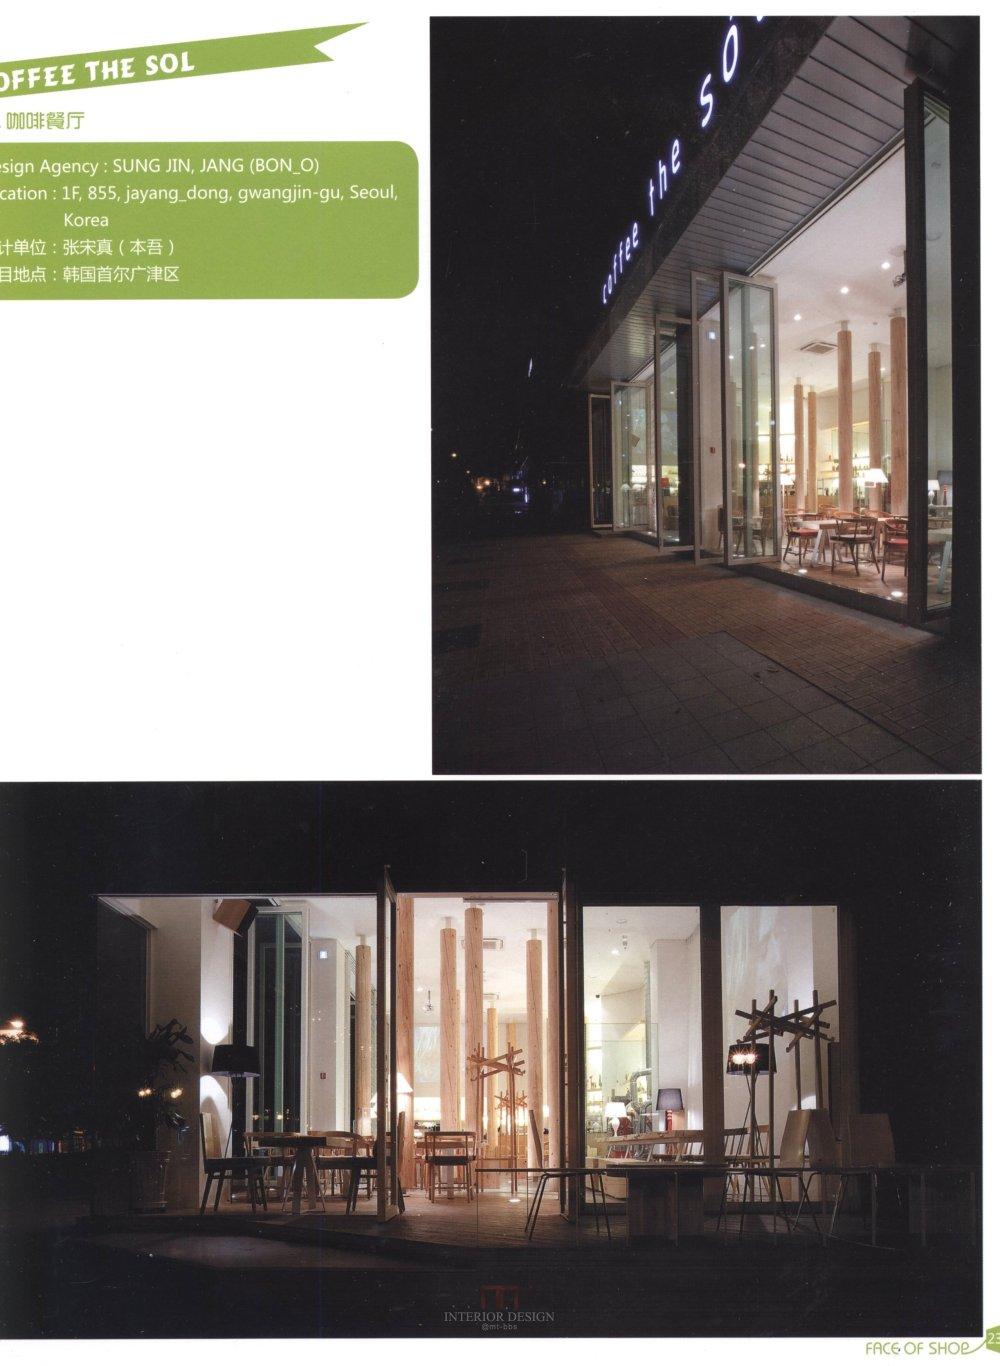 商业店铺、门头设计_kebi 0232.jpg